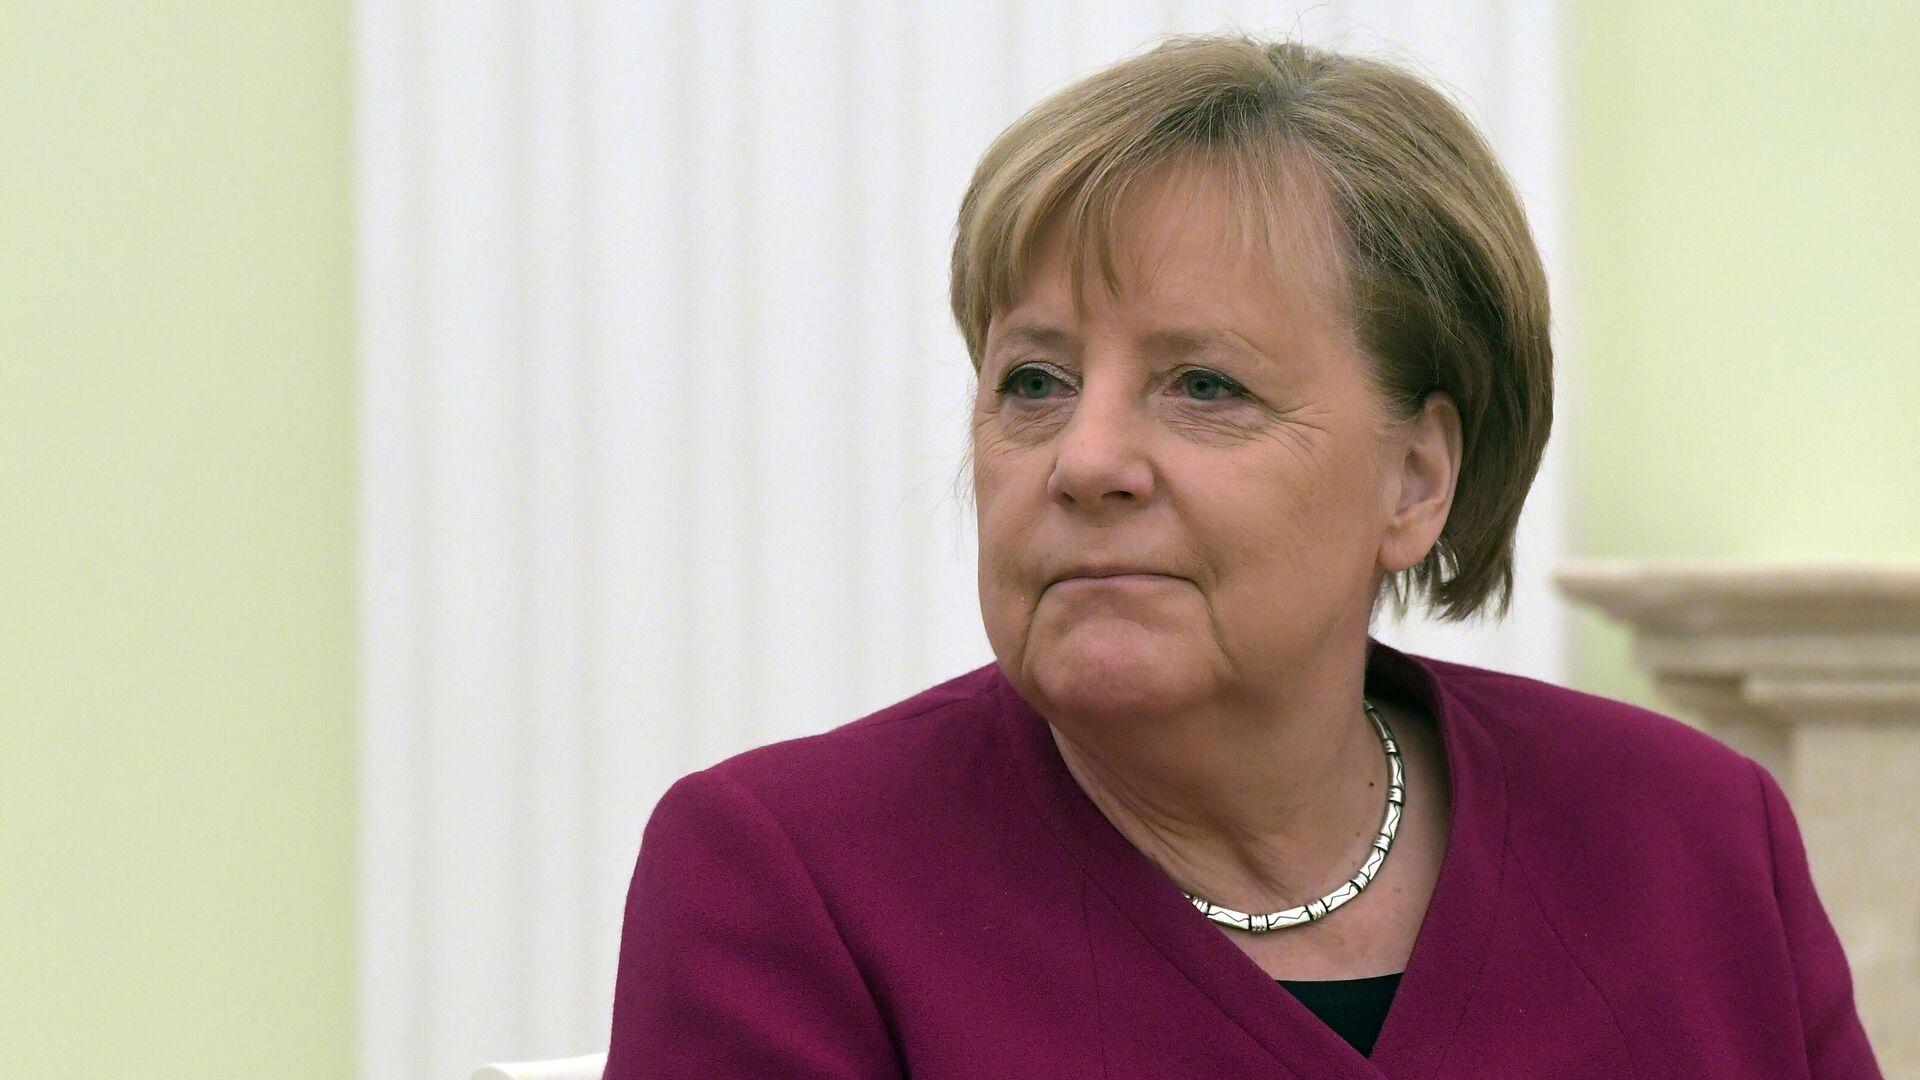 Федеральный канцлер Германии Ангела Меркель - РИА Новости, 1920, 08.07.2020